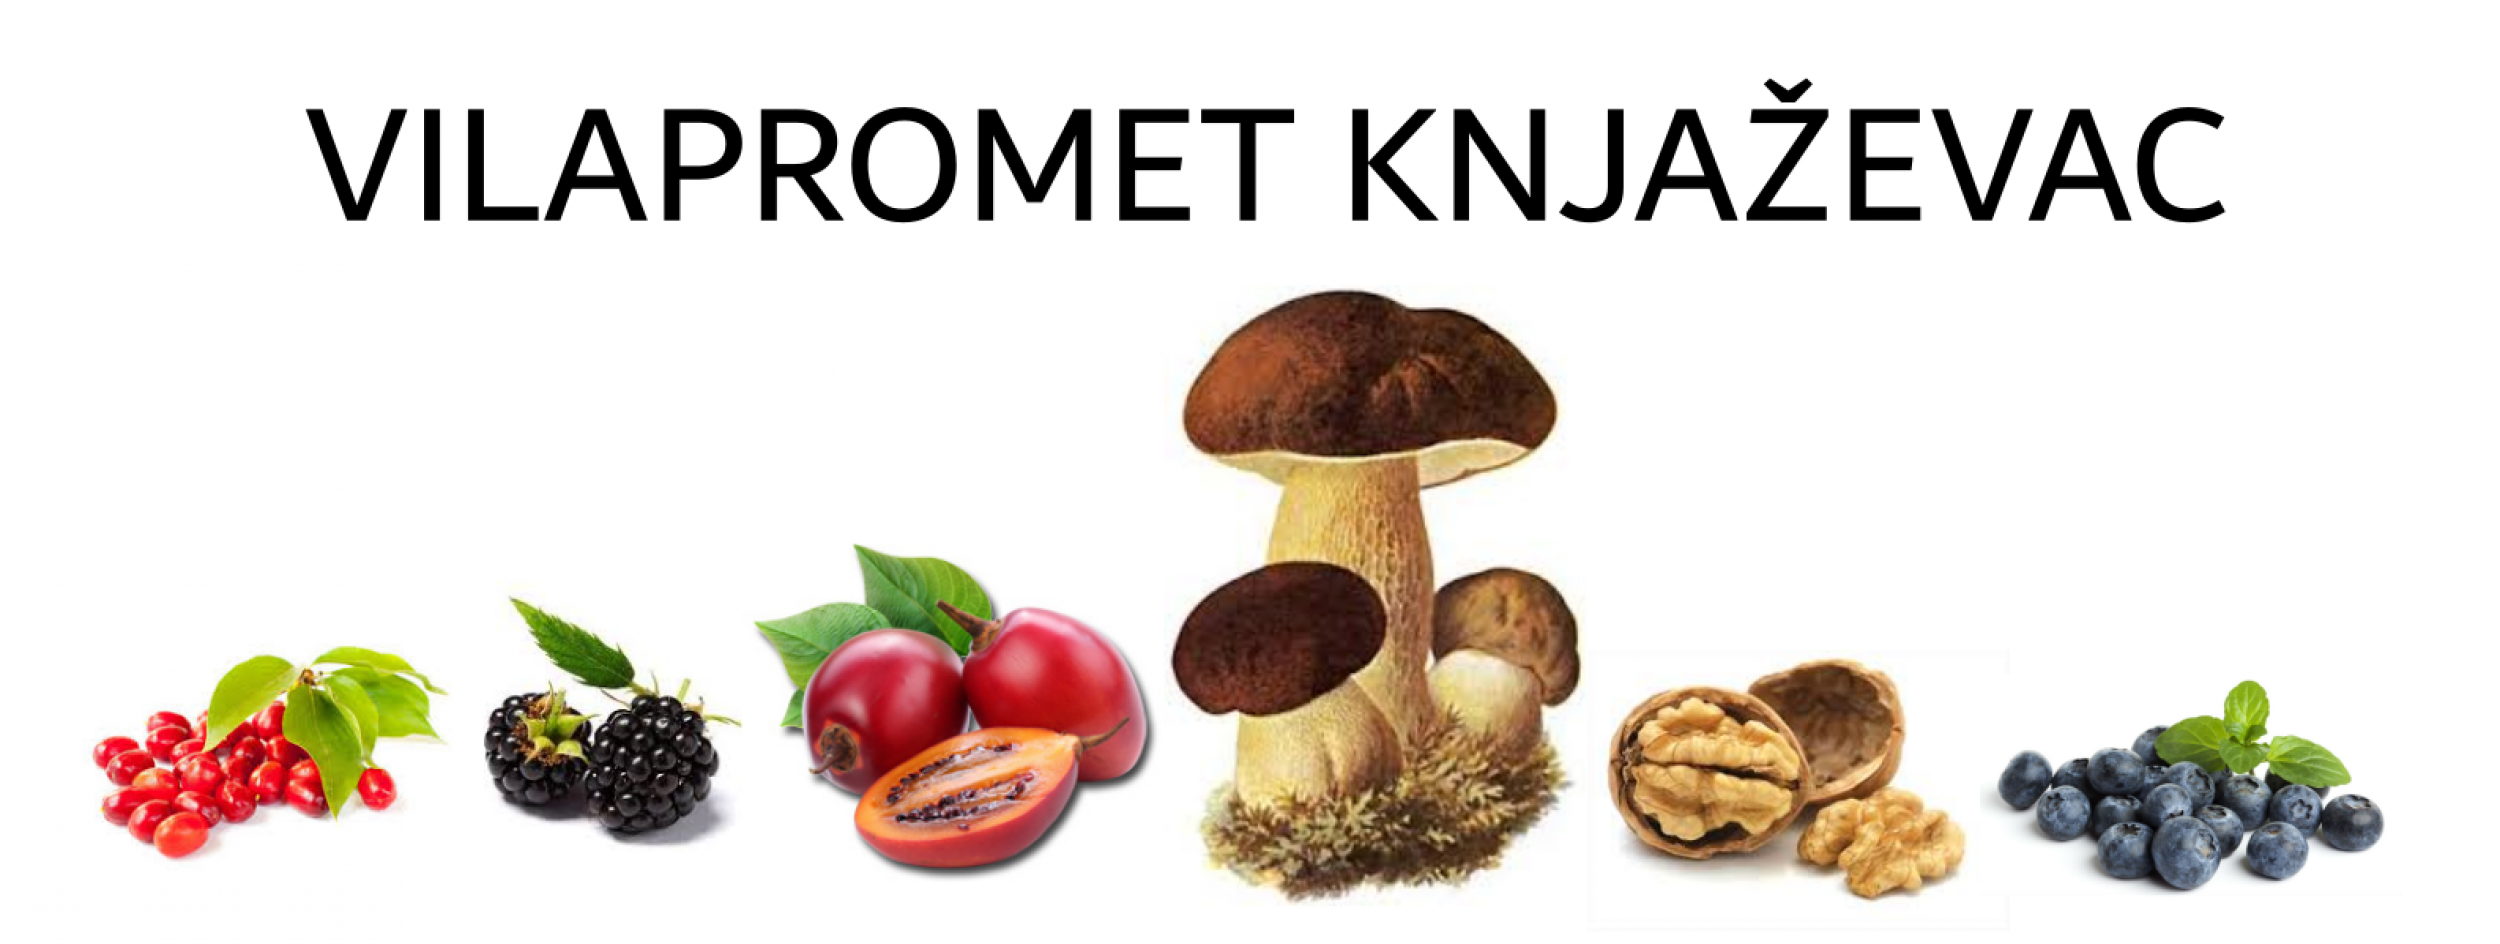 vilapromet.com